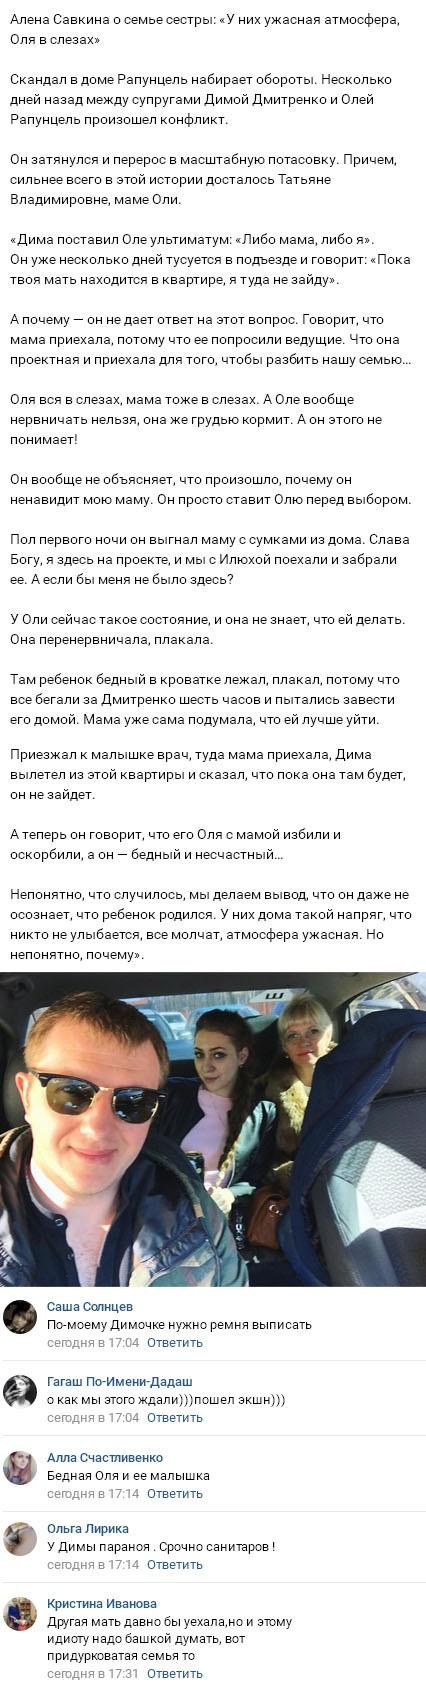 Алена Савкина раскрыла правду о конфликте Рапунцелей